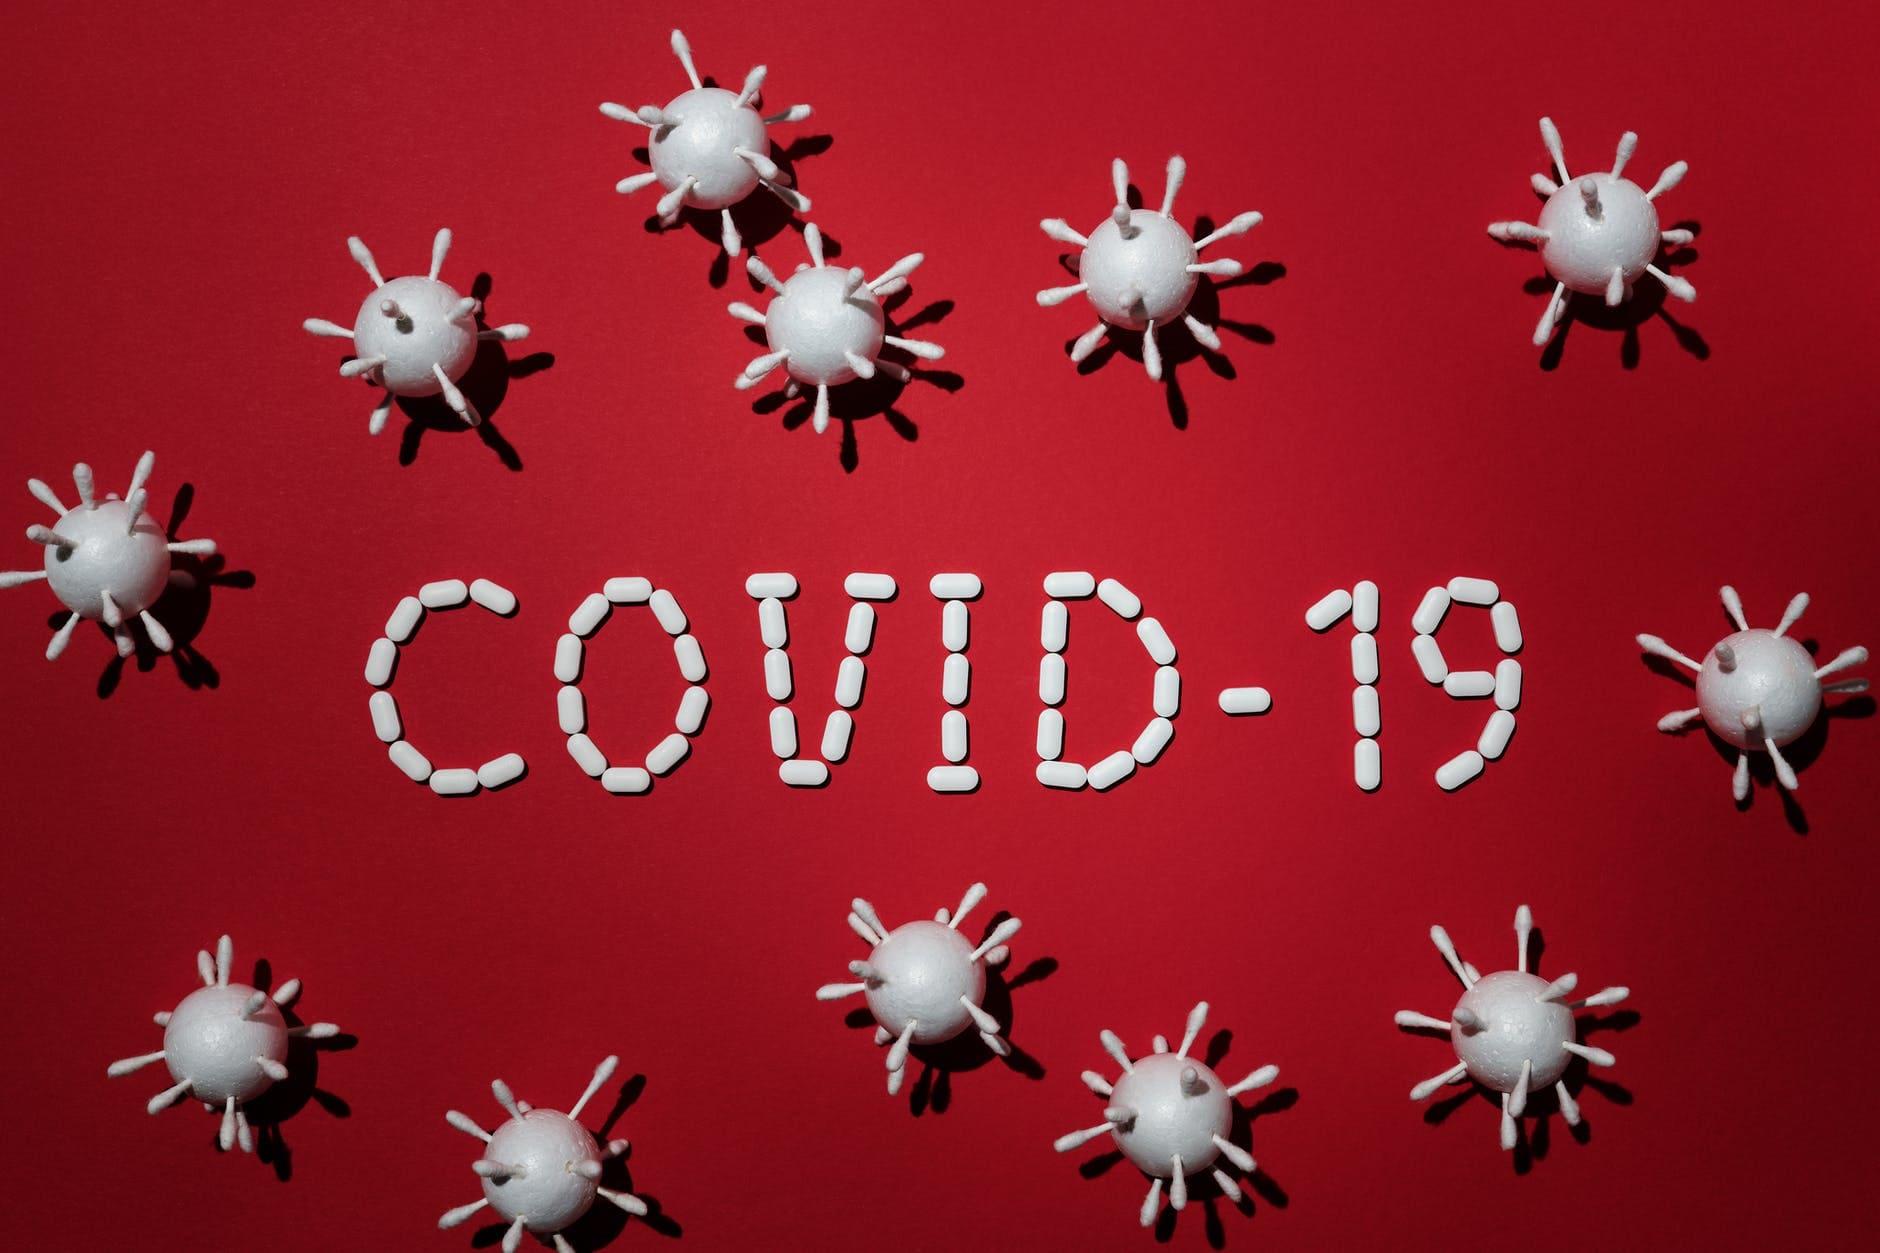 فيروس كرونا وطريقة الحماية والفرق بين الفيروس والبرد.